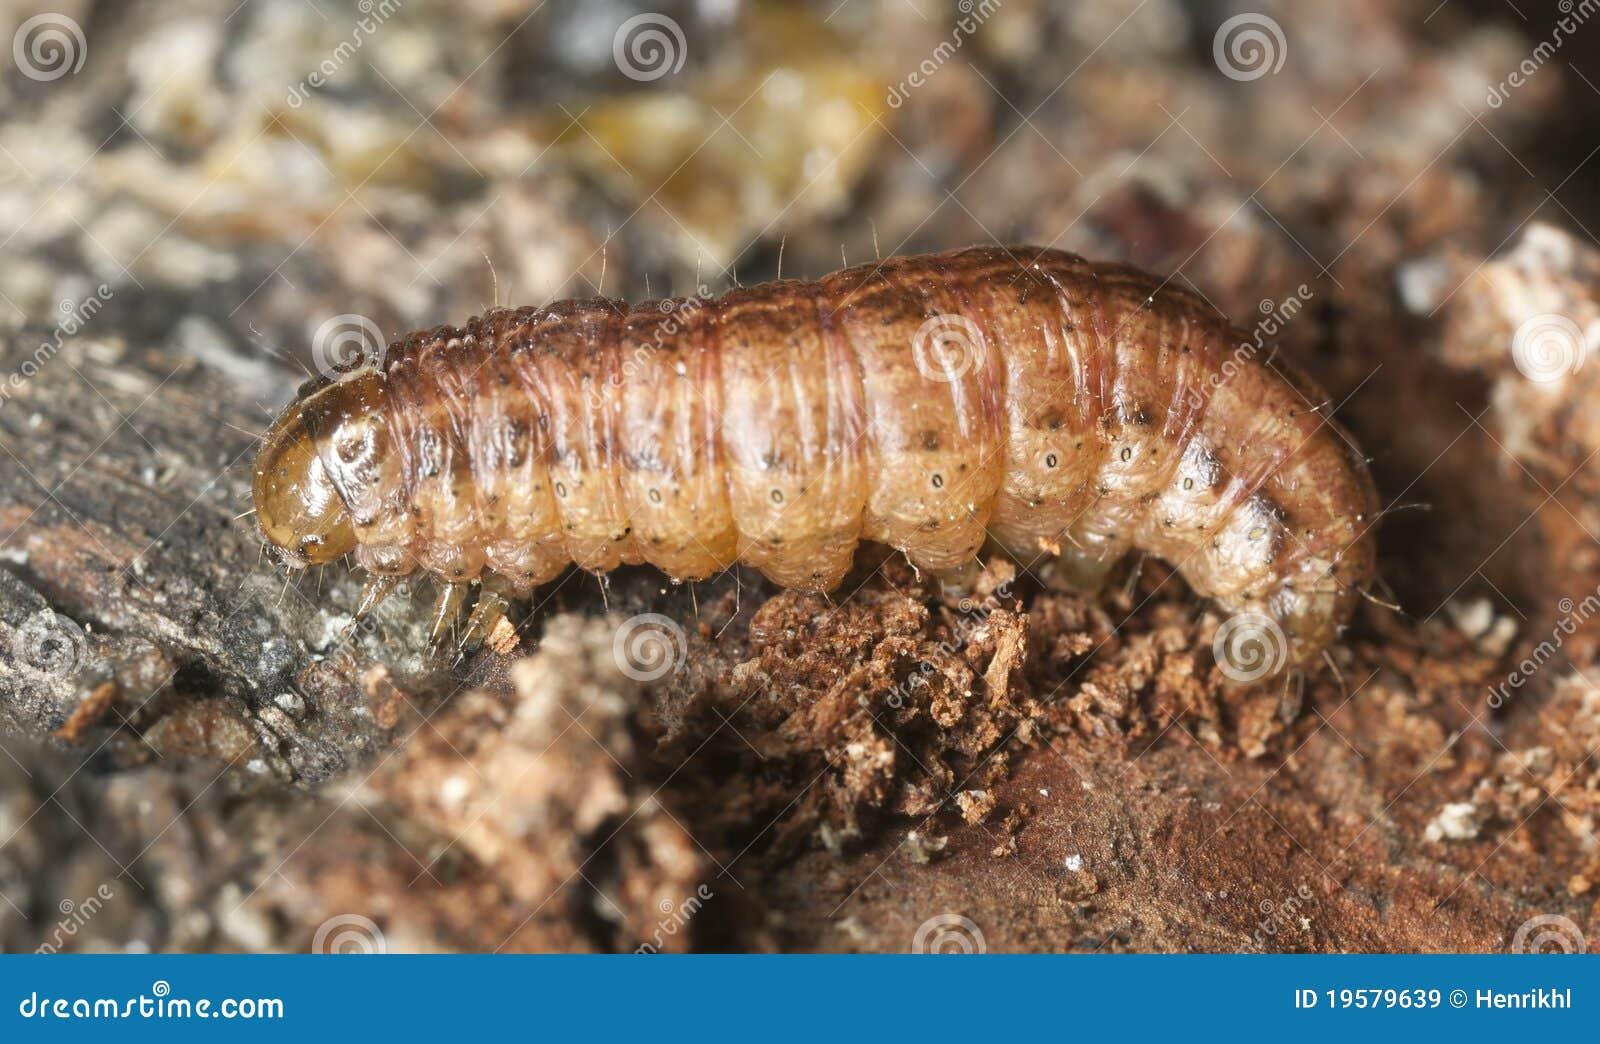 Larvas de la polilla en la madera im genes de archivo for Polilla madera imagenes